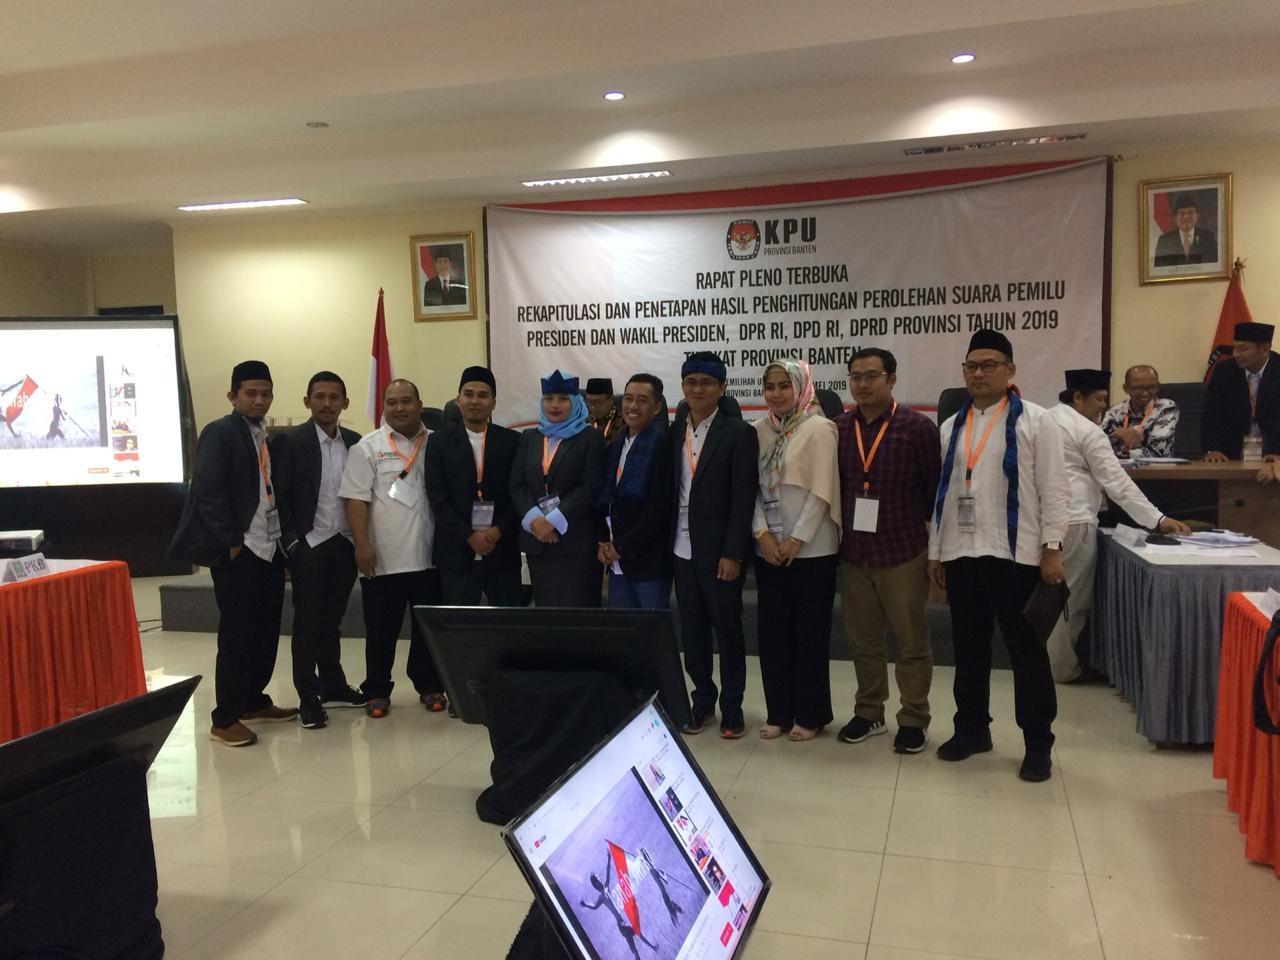 Pleno rekapitulasi pilpres KPU Banten